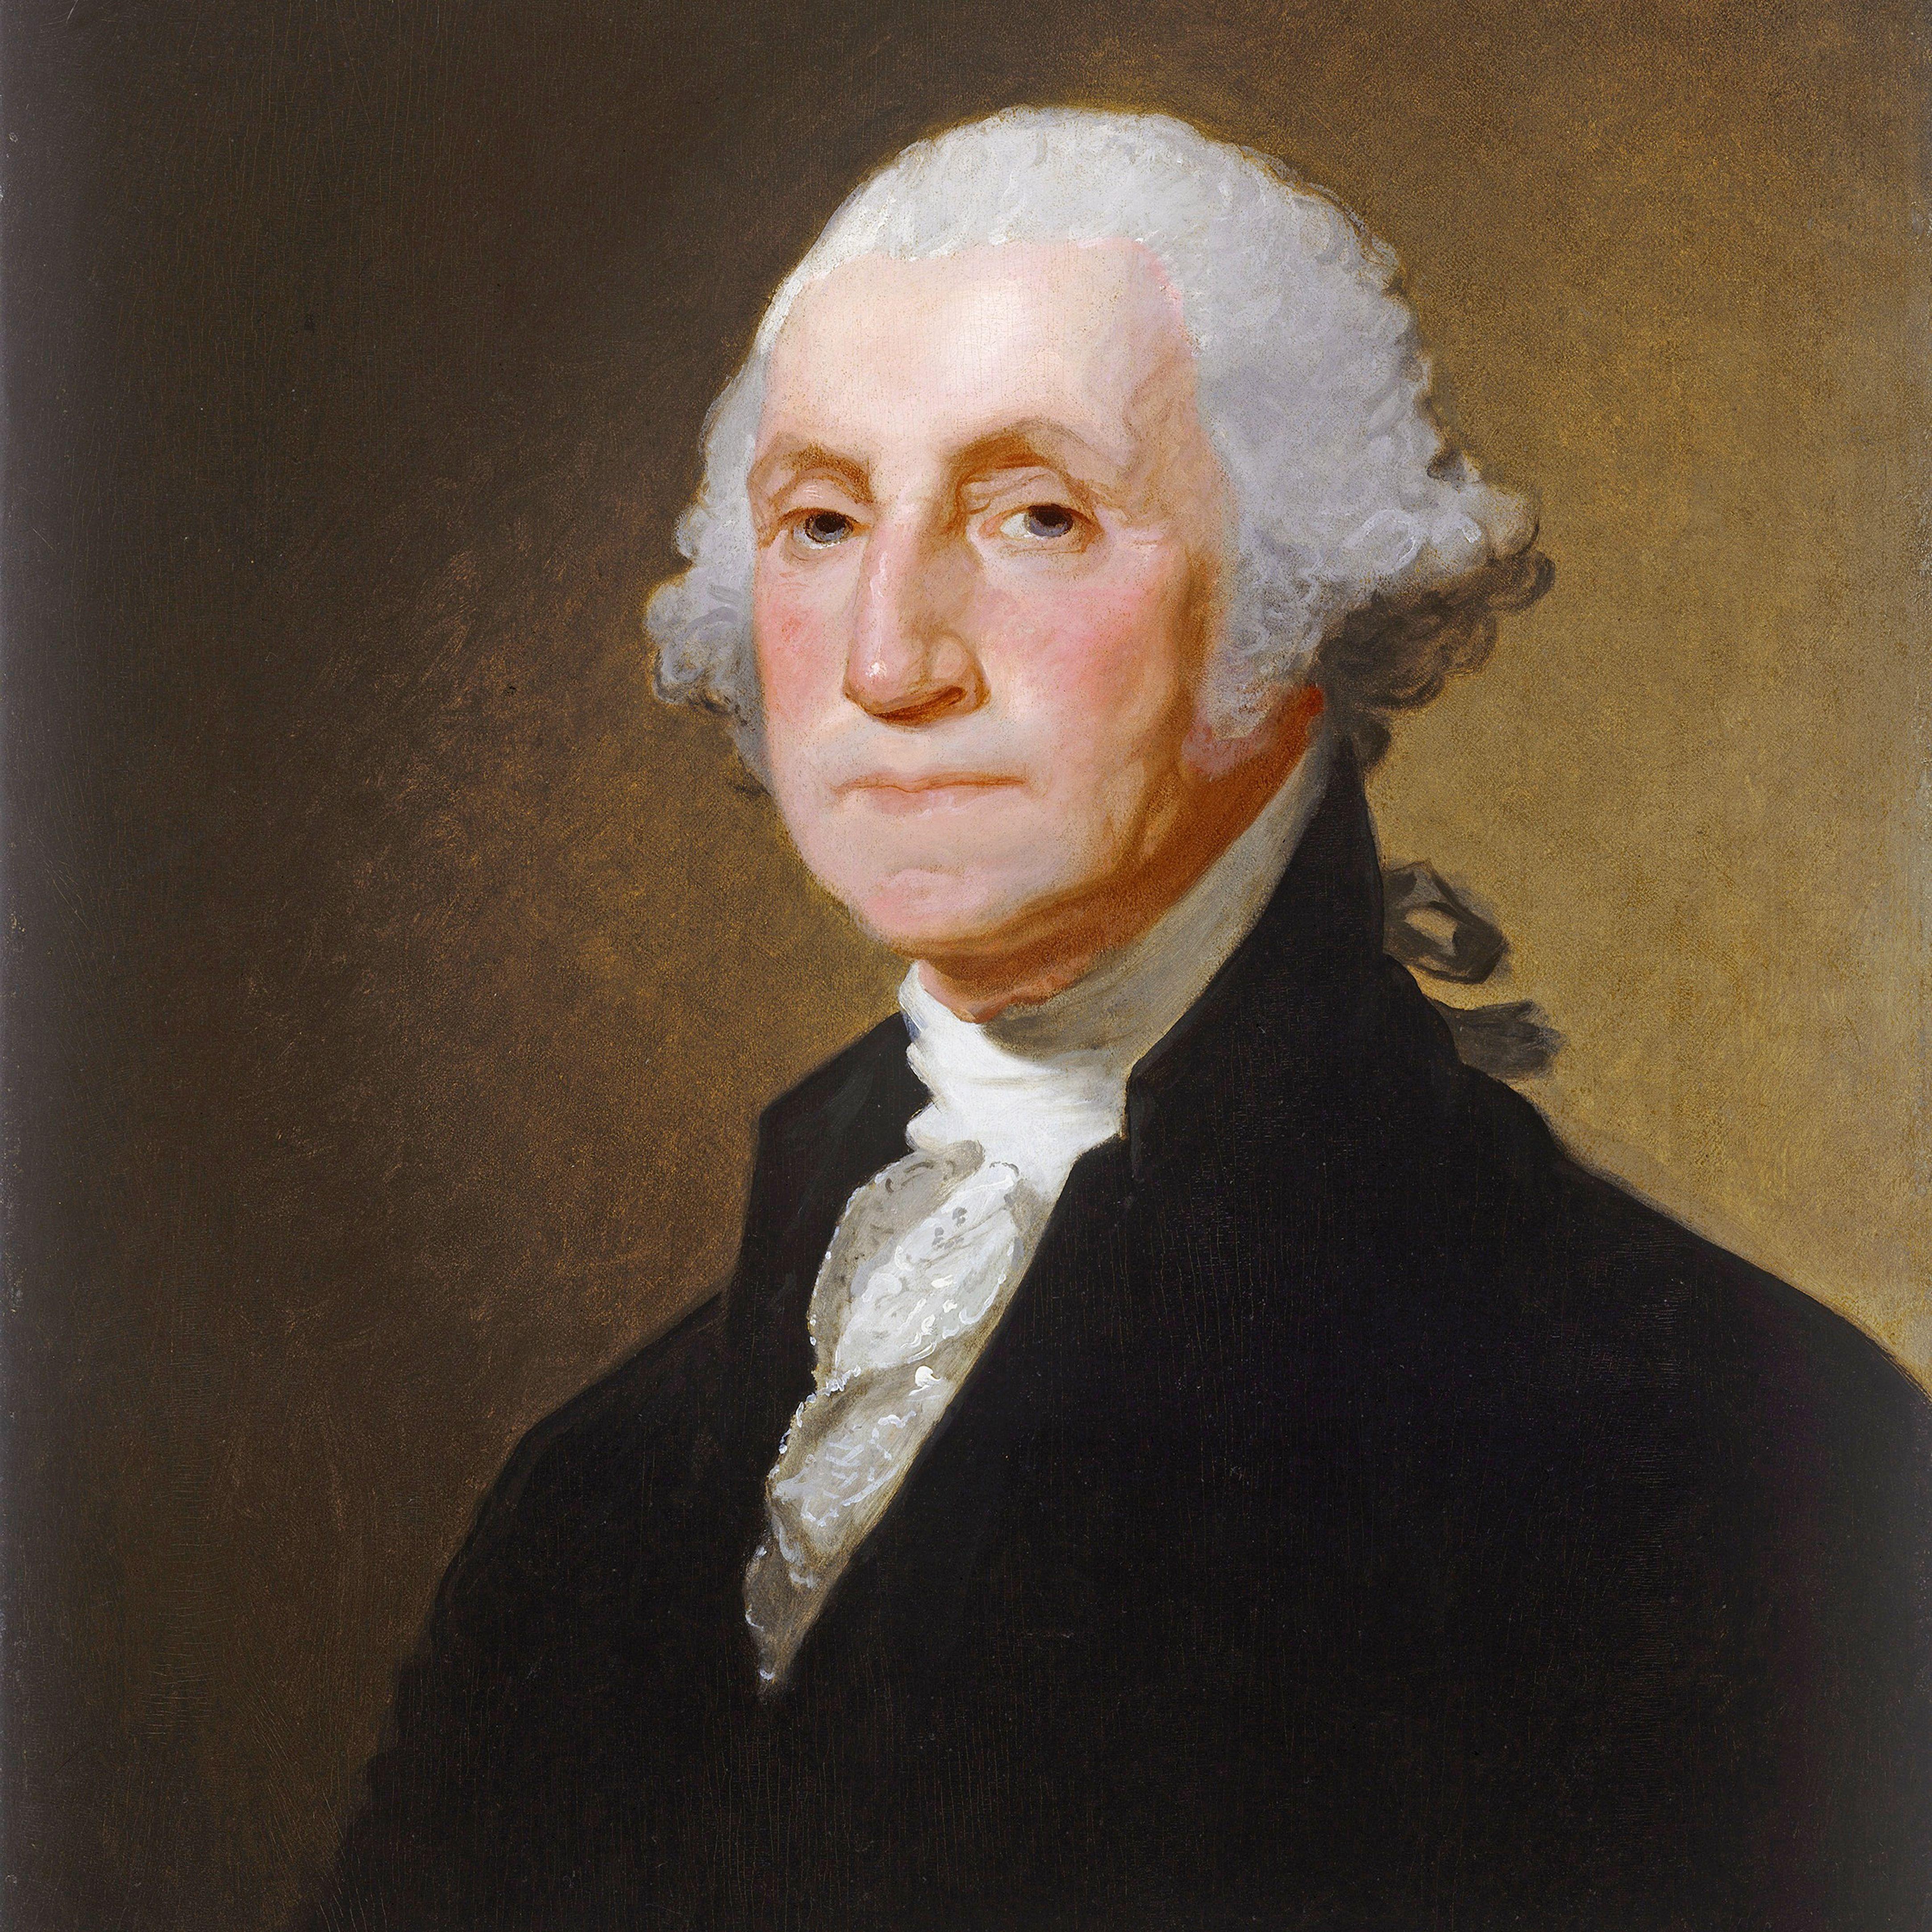 Painting of George Washington, c.1821